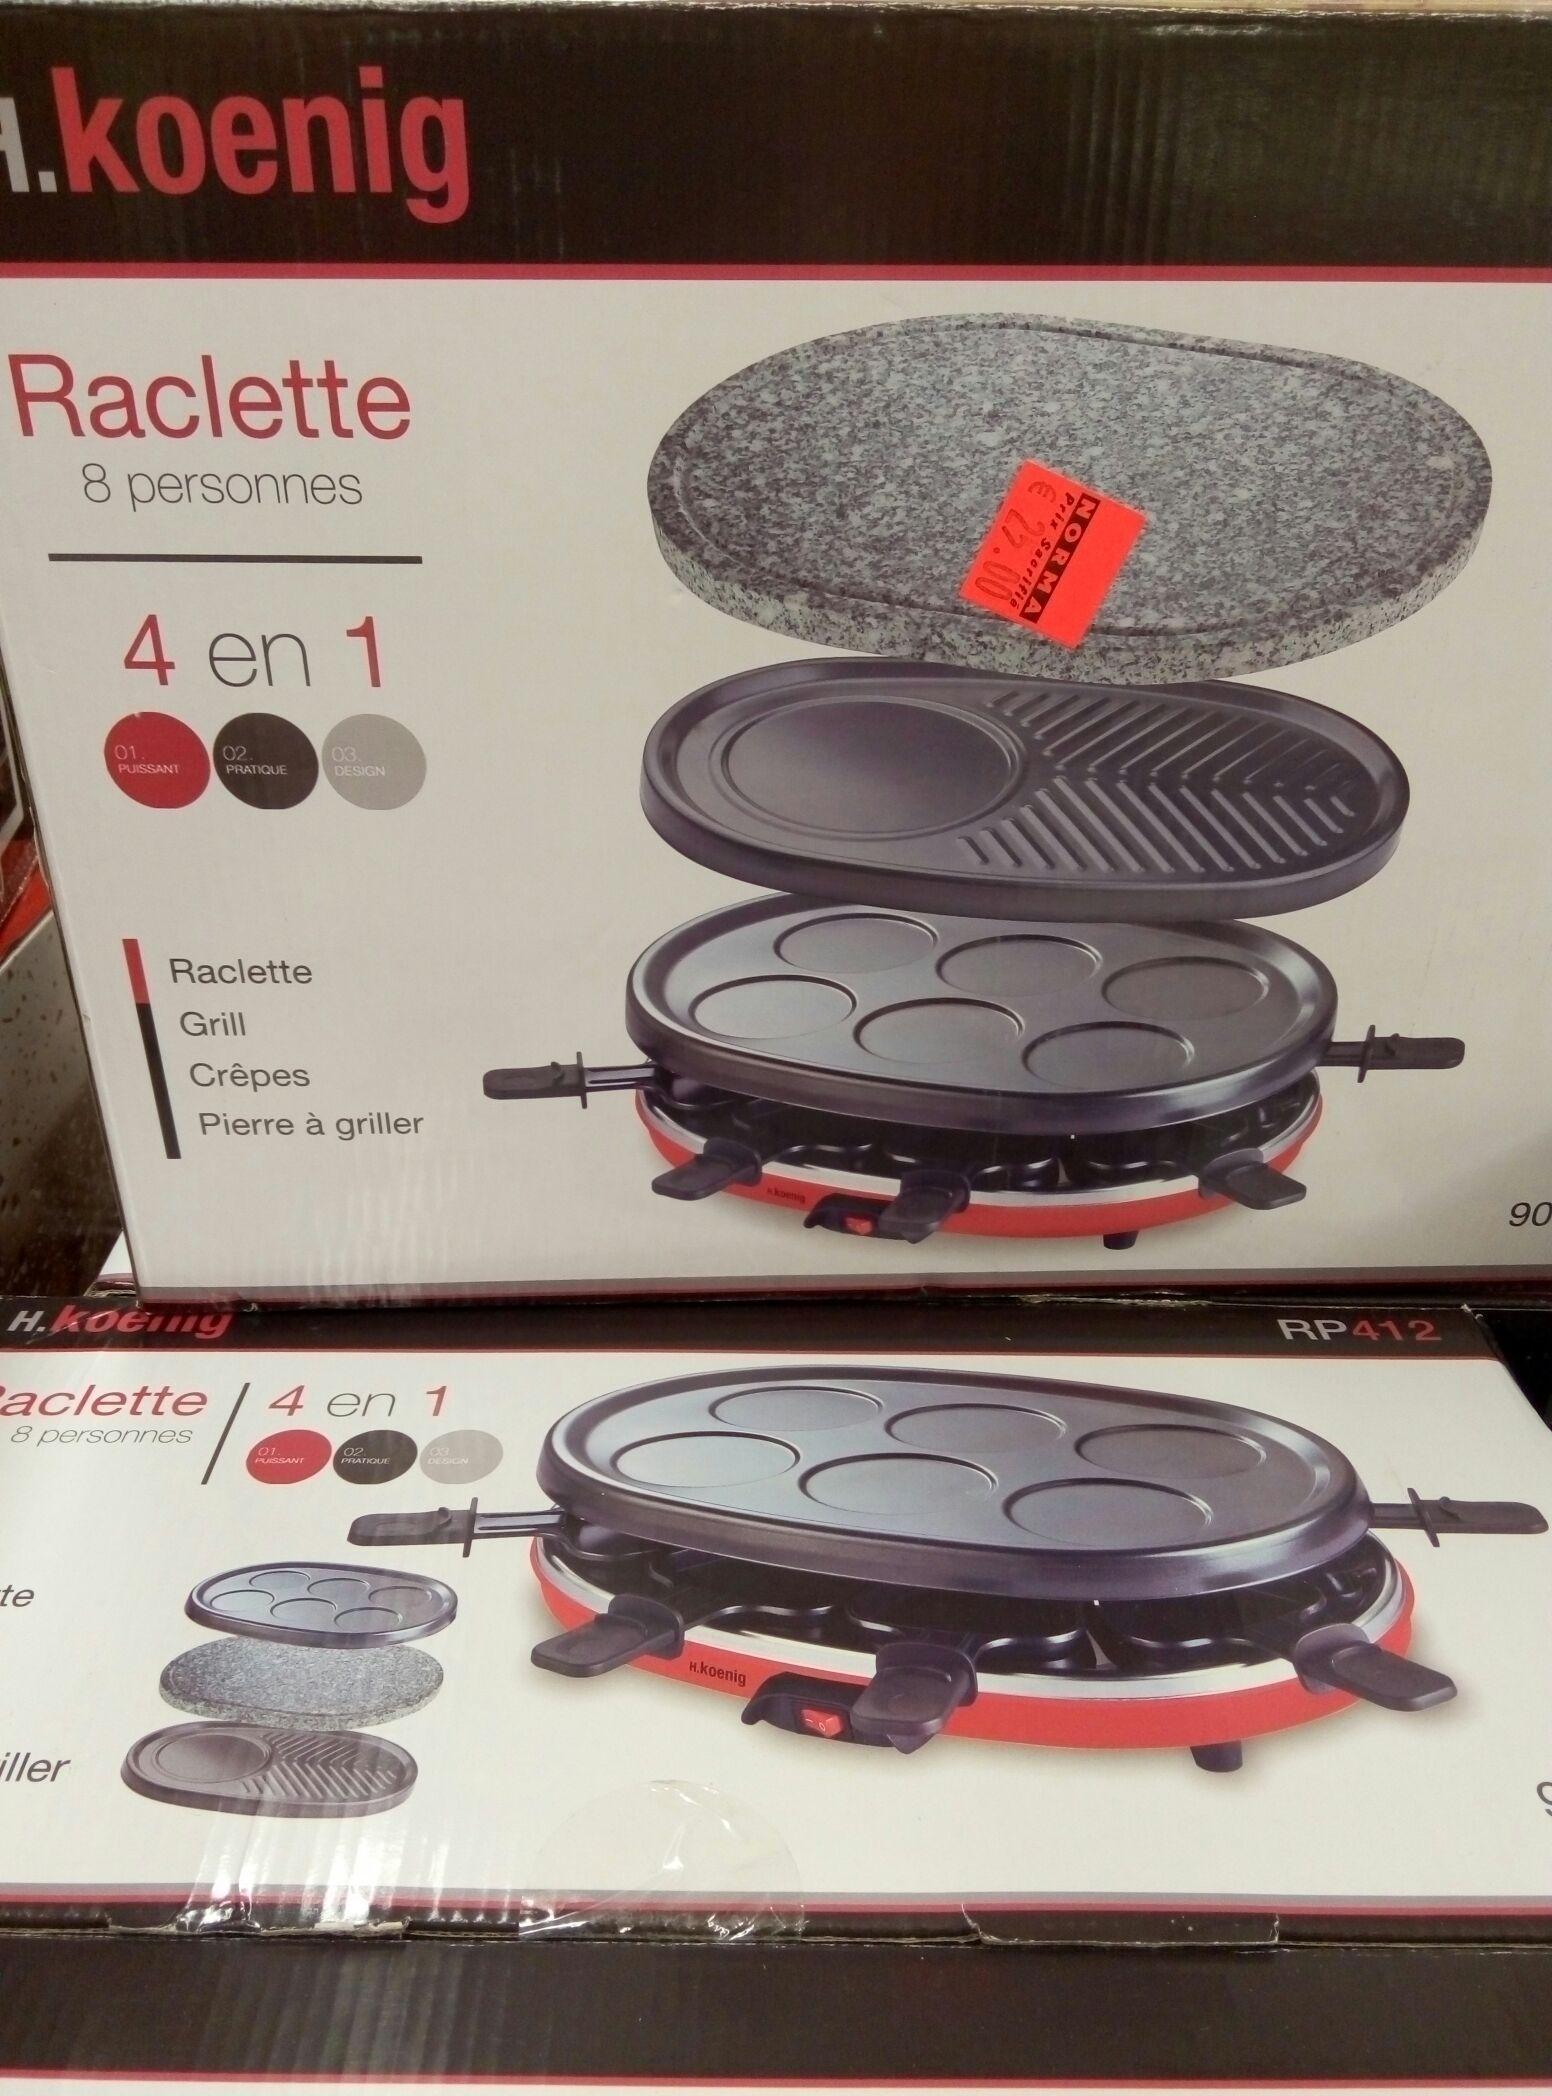 Appareil à raclette H.Koening - 8 personnes